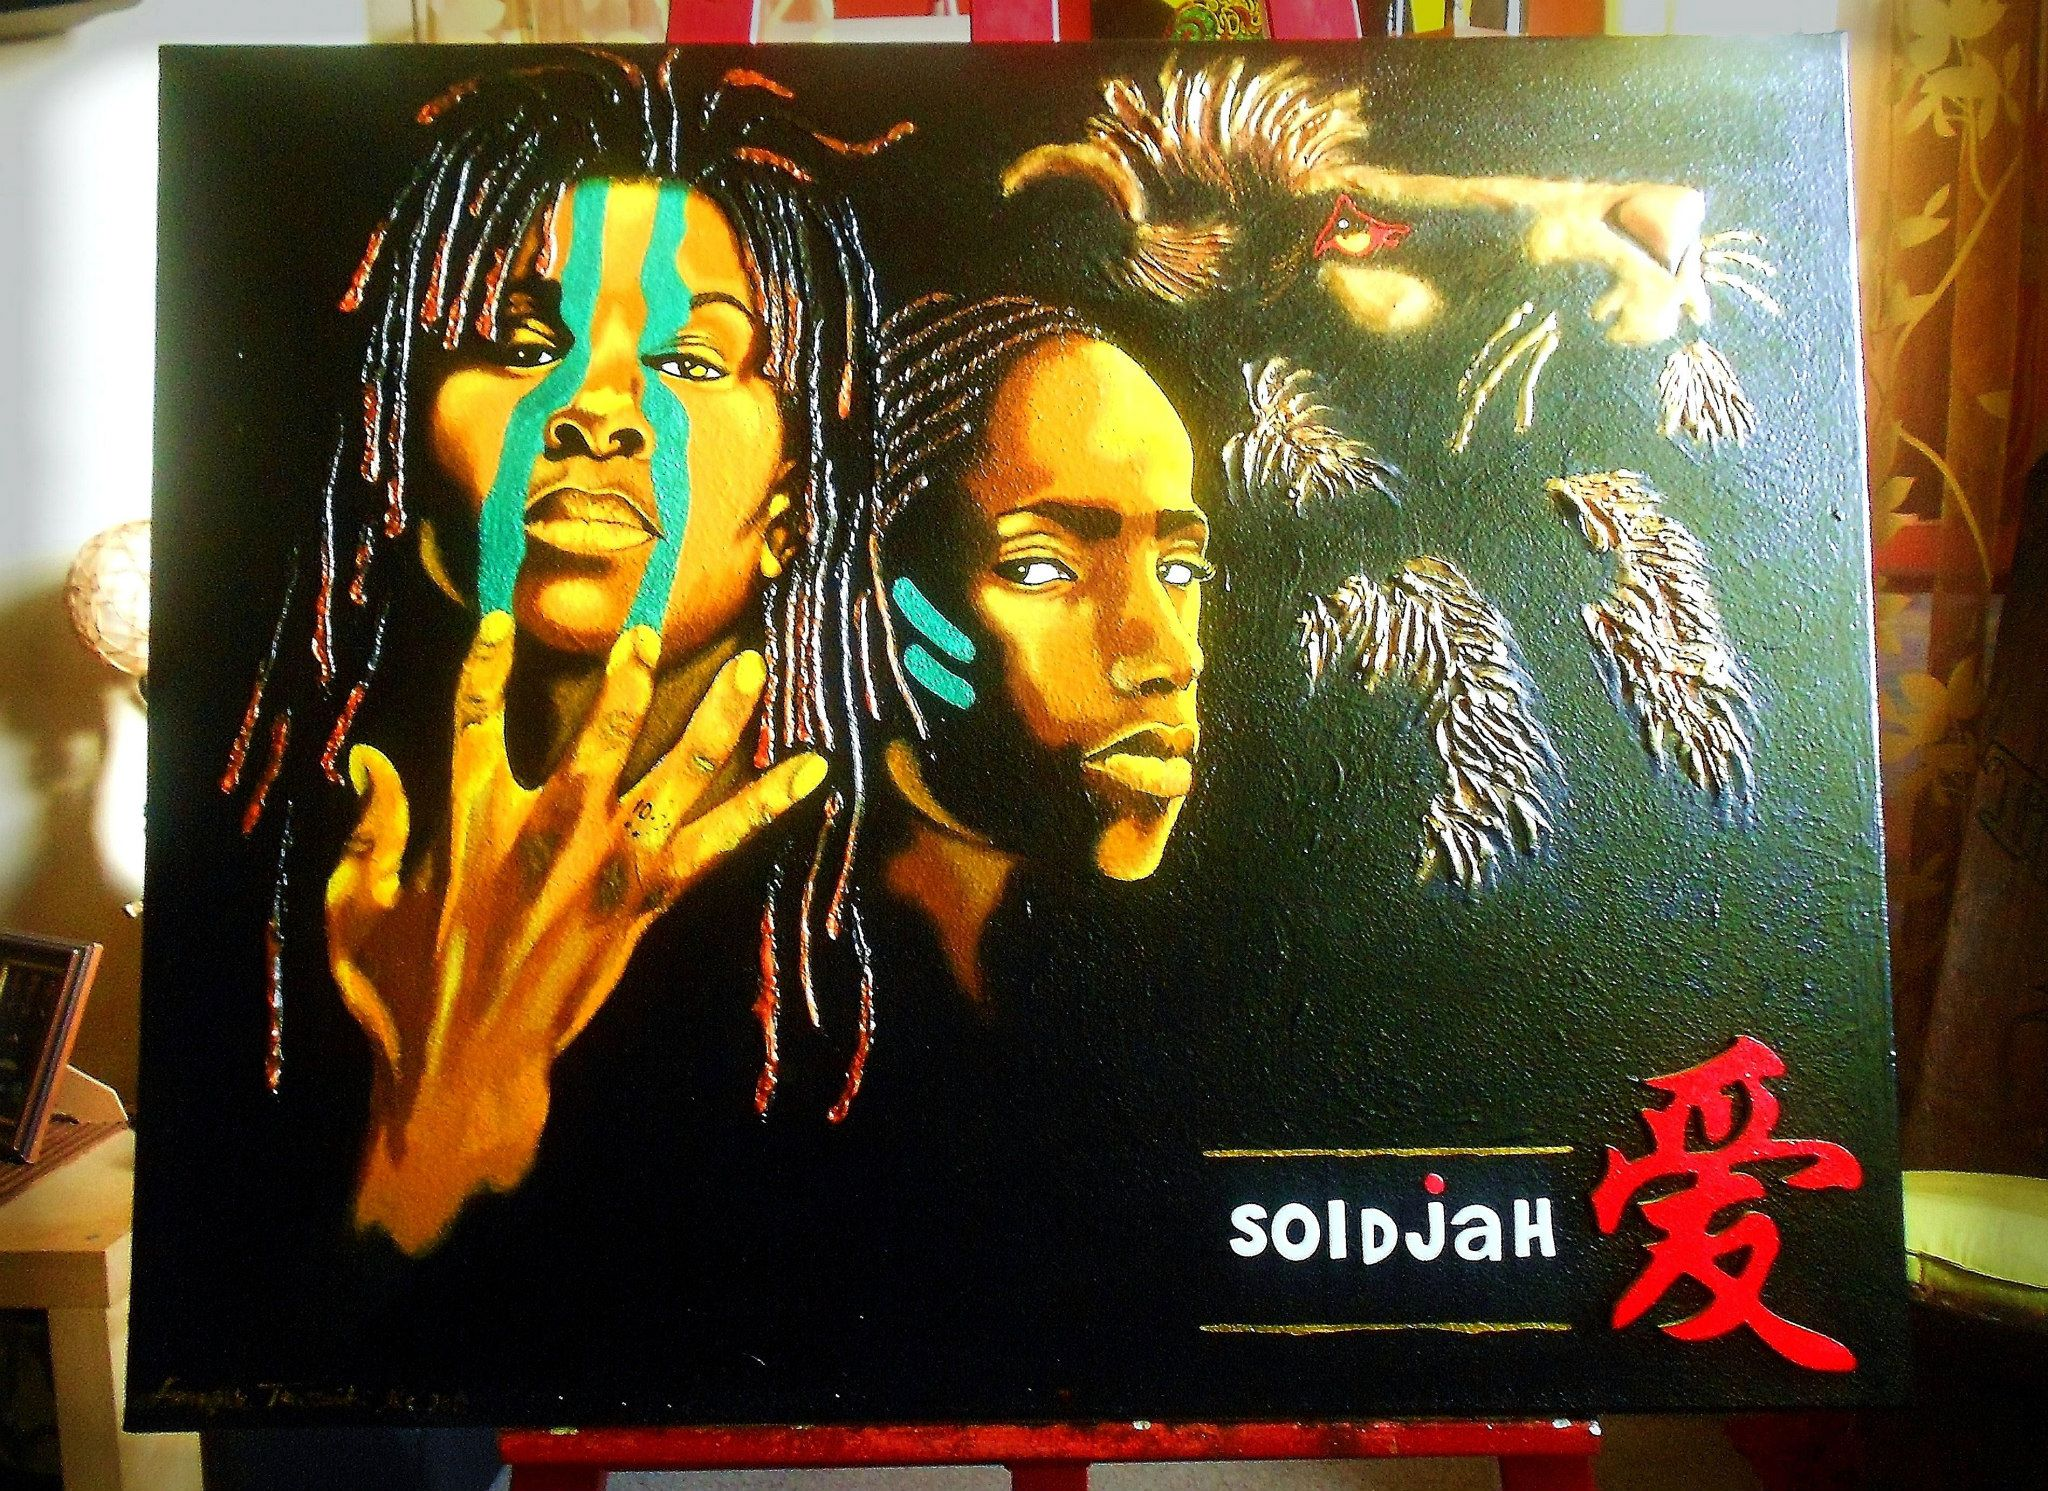 Soldjah Love